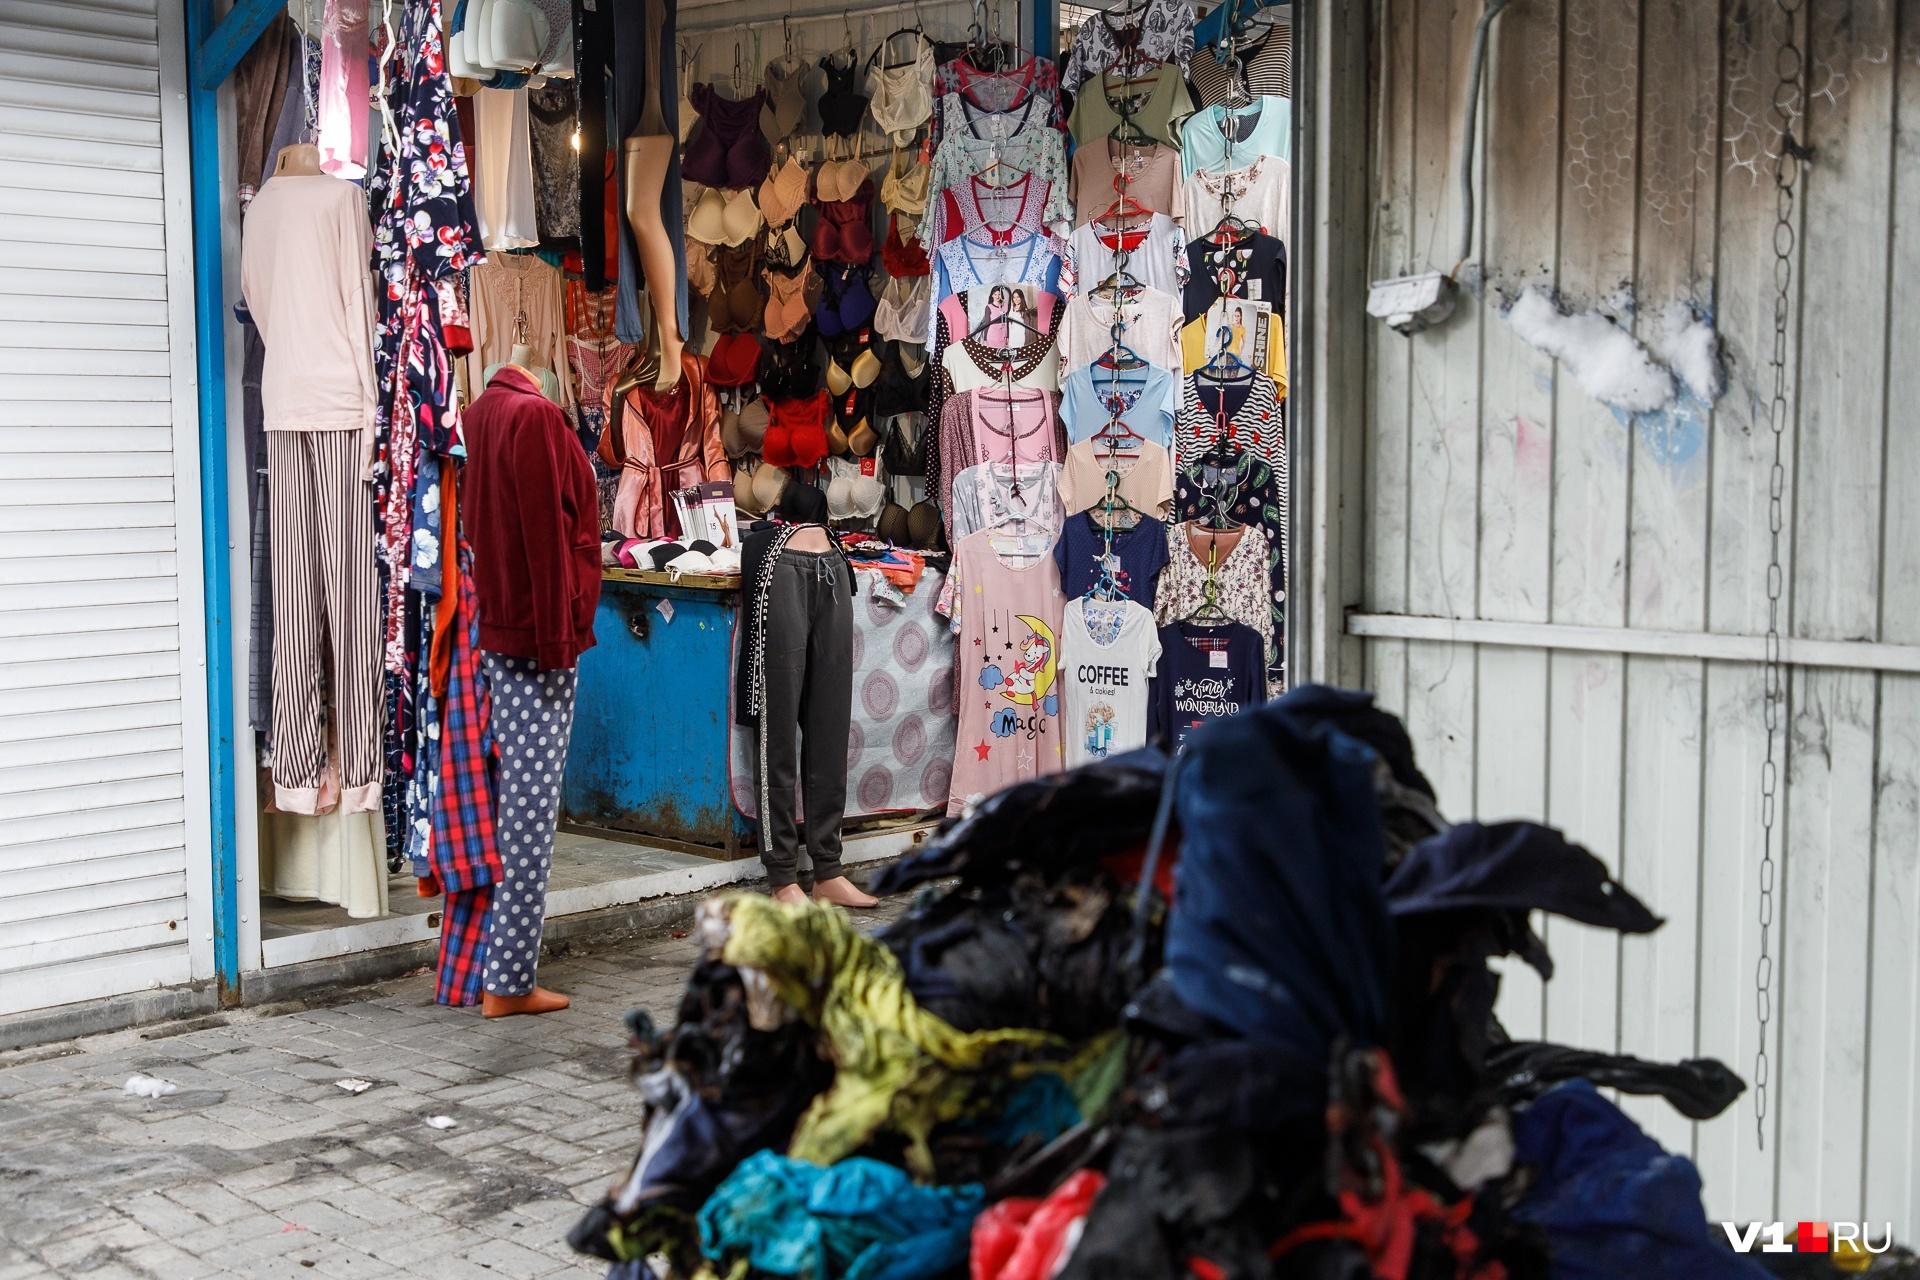 Кучи сгоревшего товара еще лежат рядом с выставленными на продажу вещами